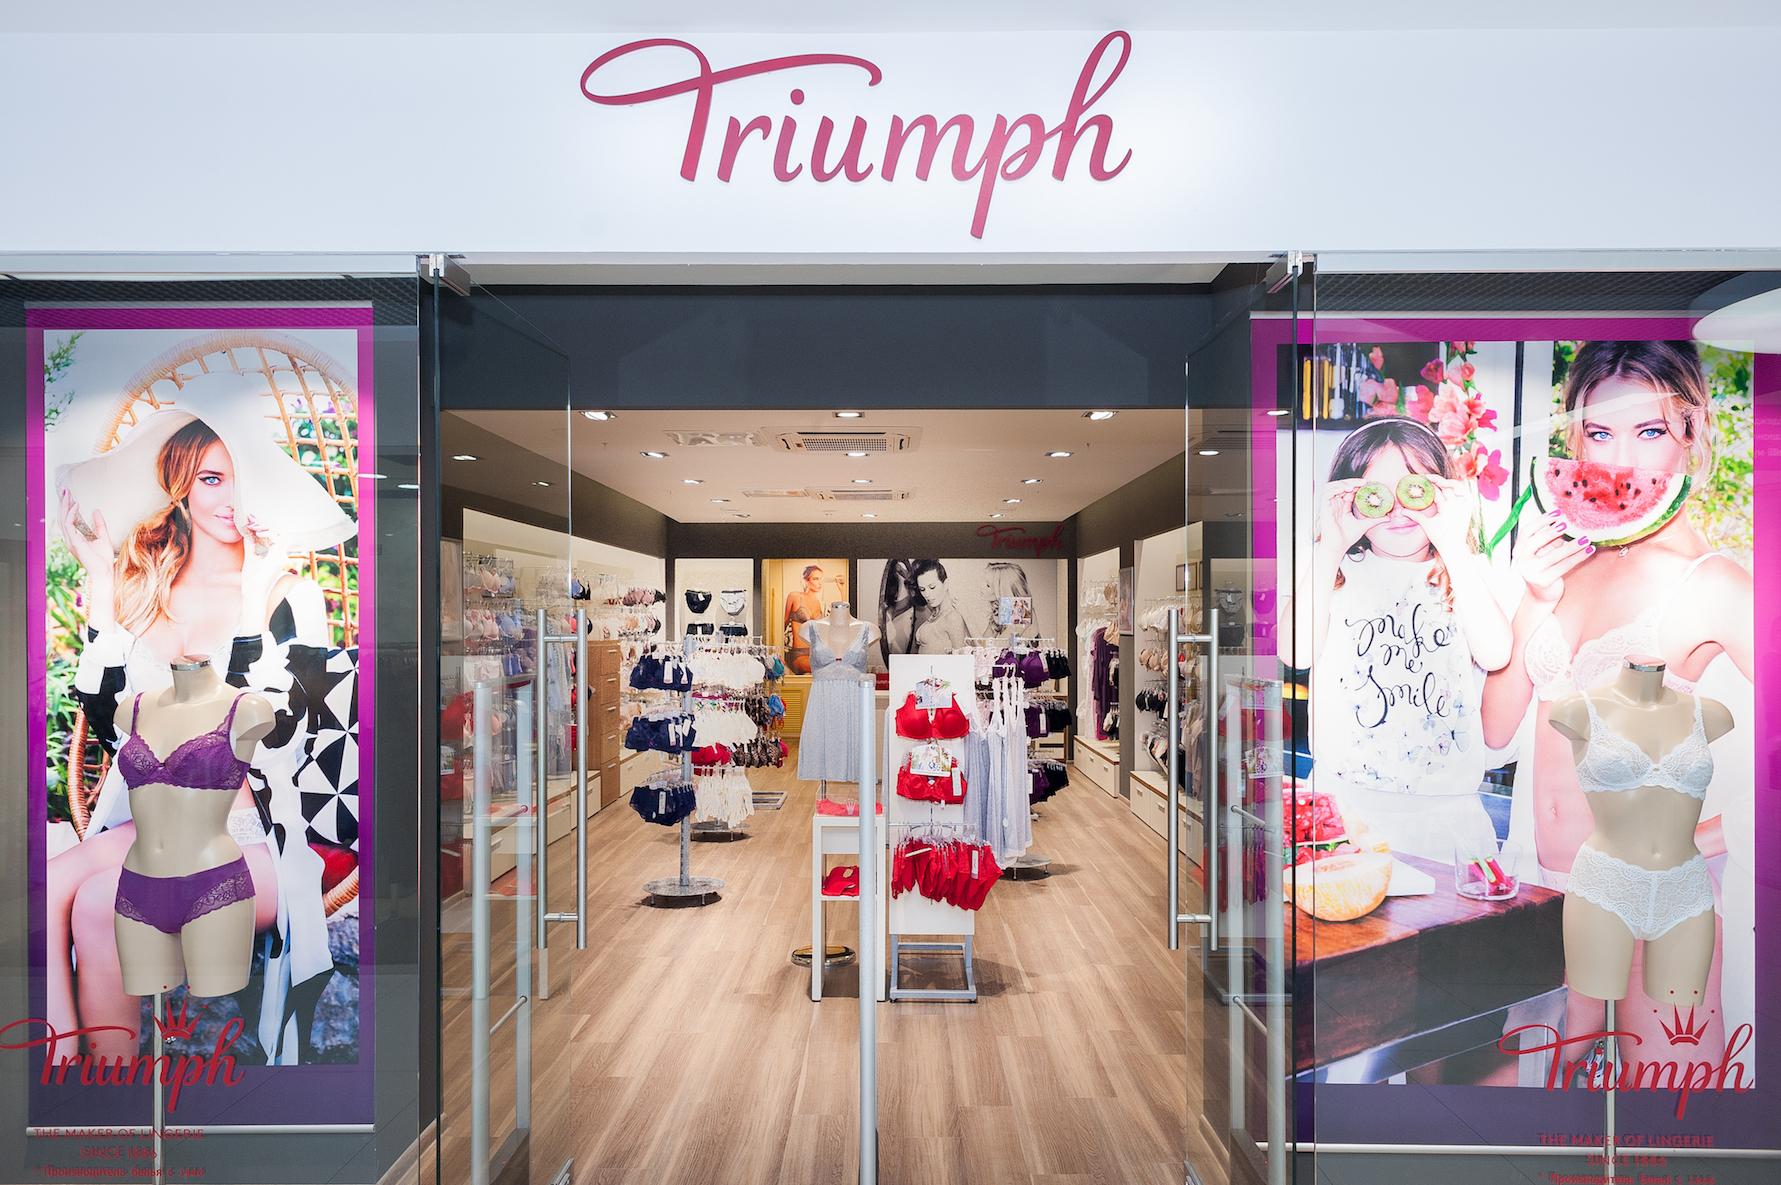 Магазин нижнего женского белья триумф массажеры купить в ростове